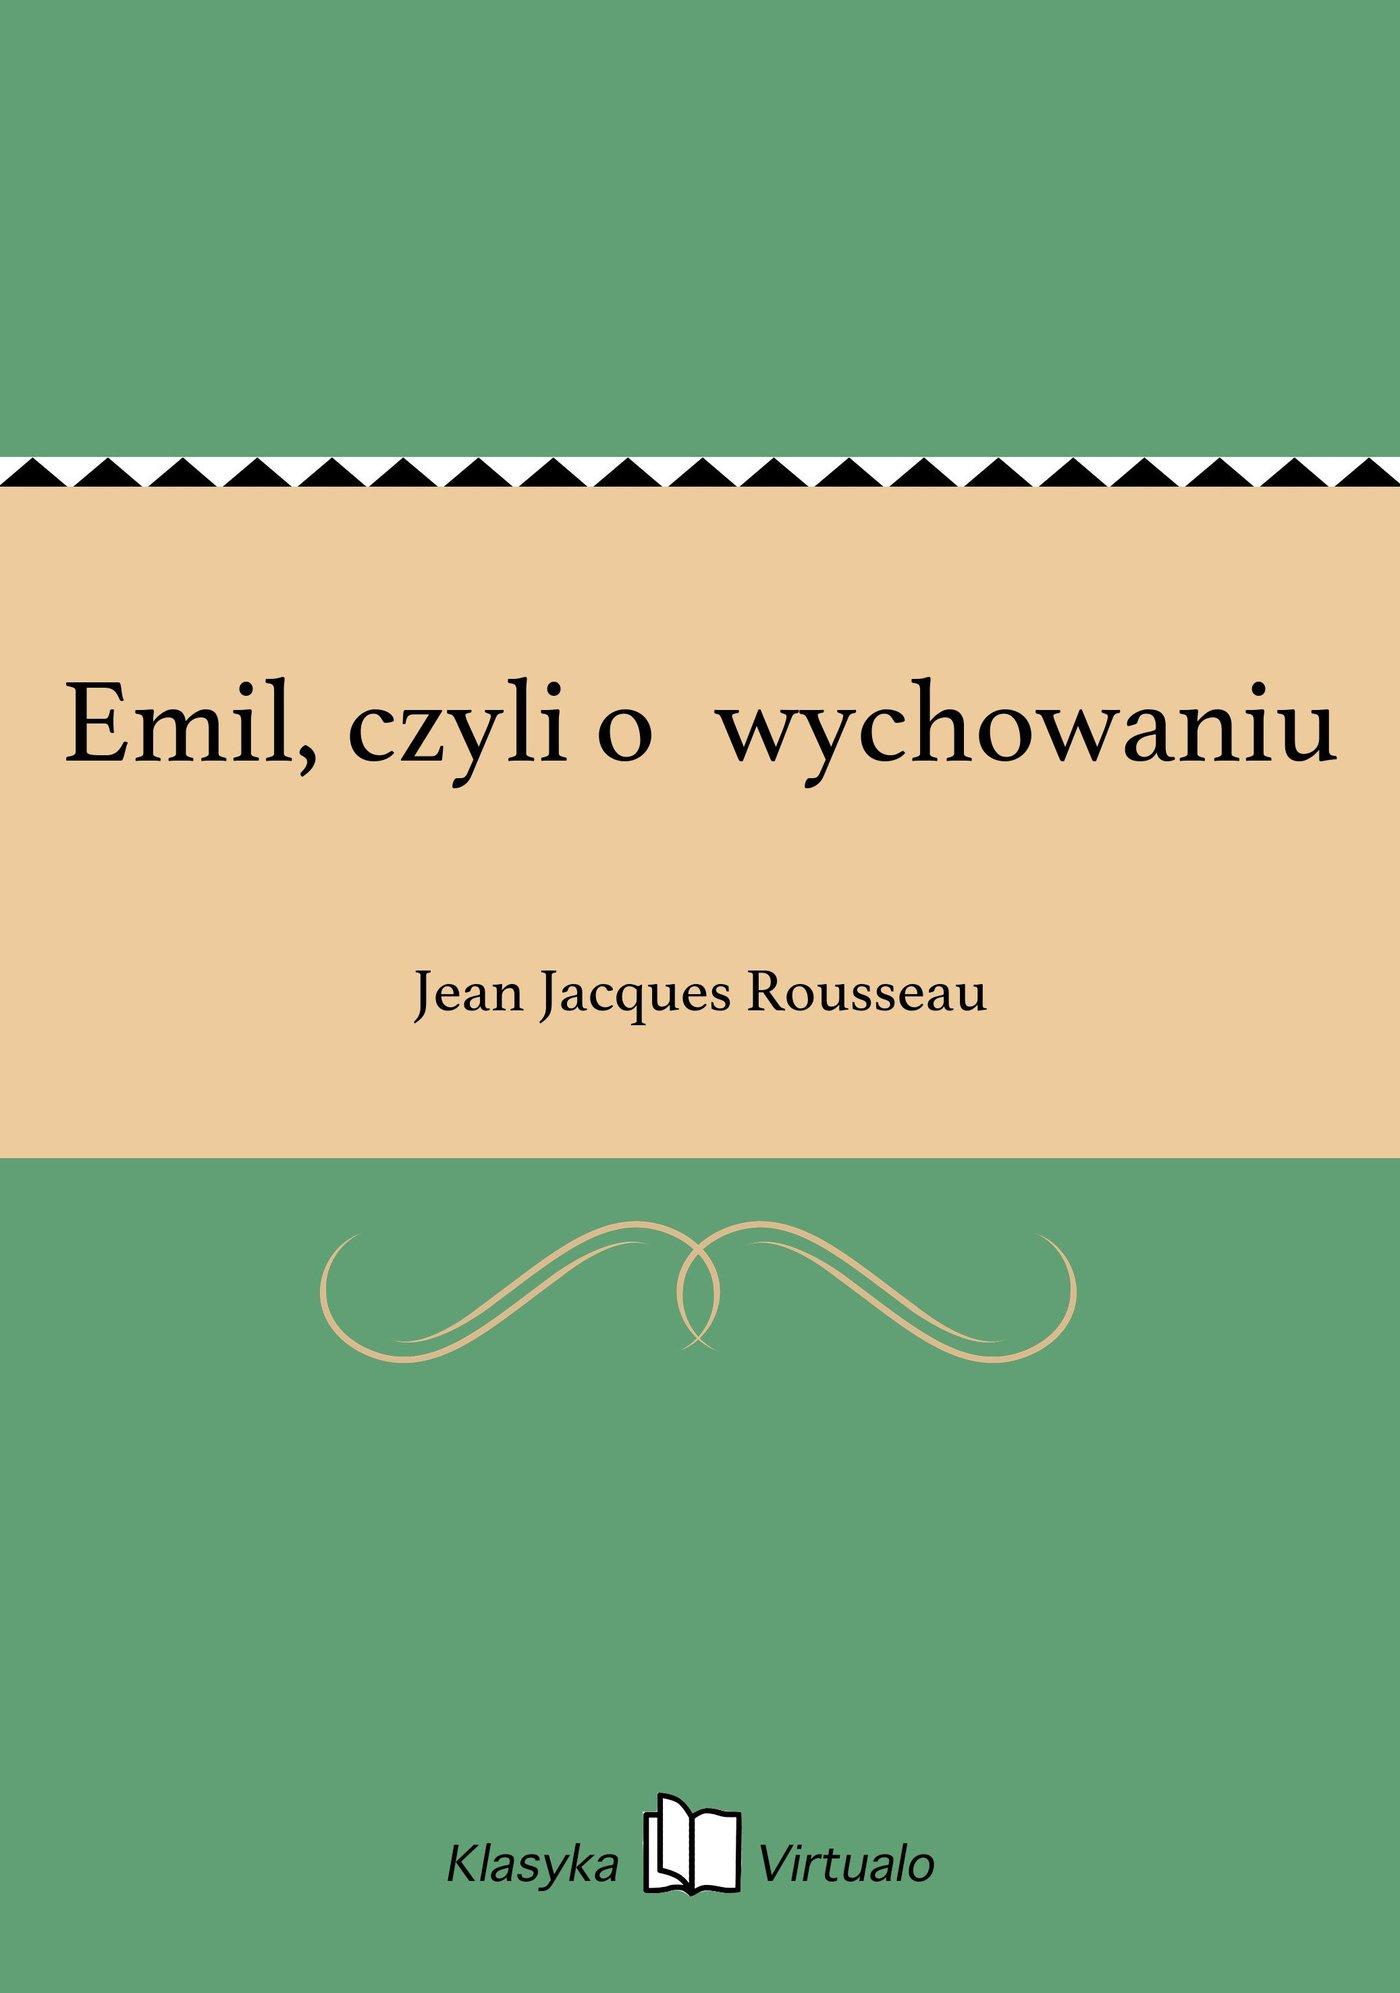 Emil, czyli owychowaniu - Ebook (Książka EPUB) do pobrania w formacie EPUB